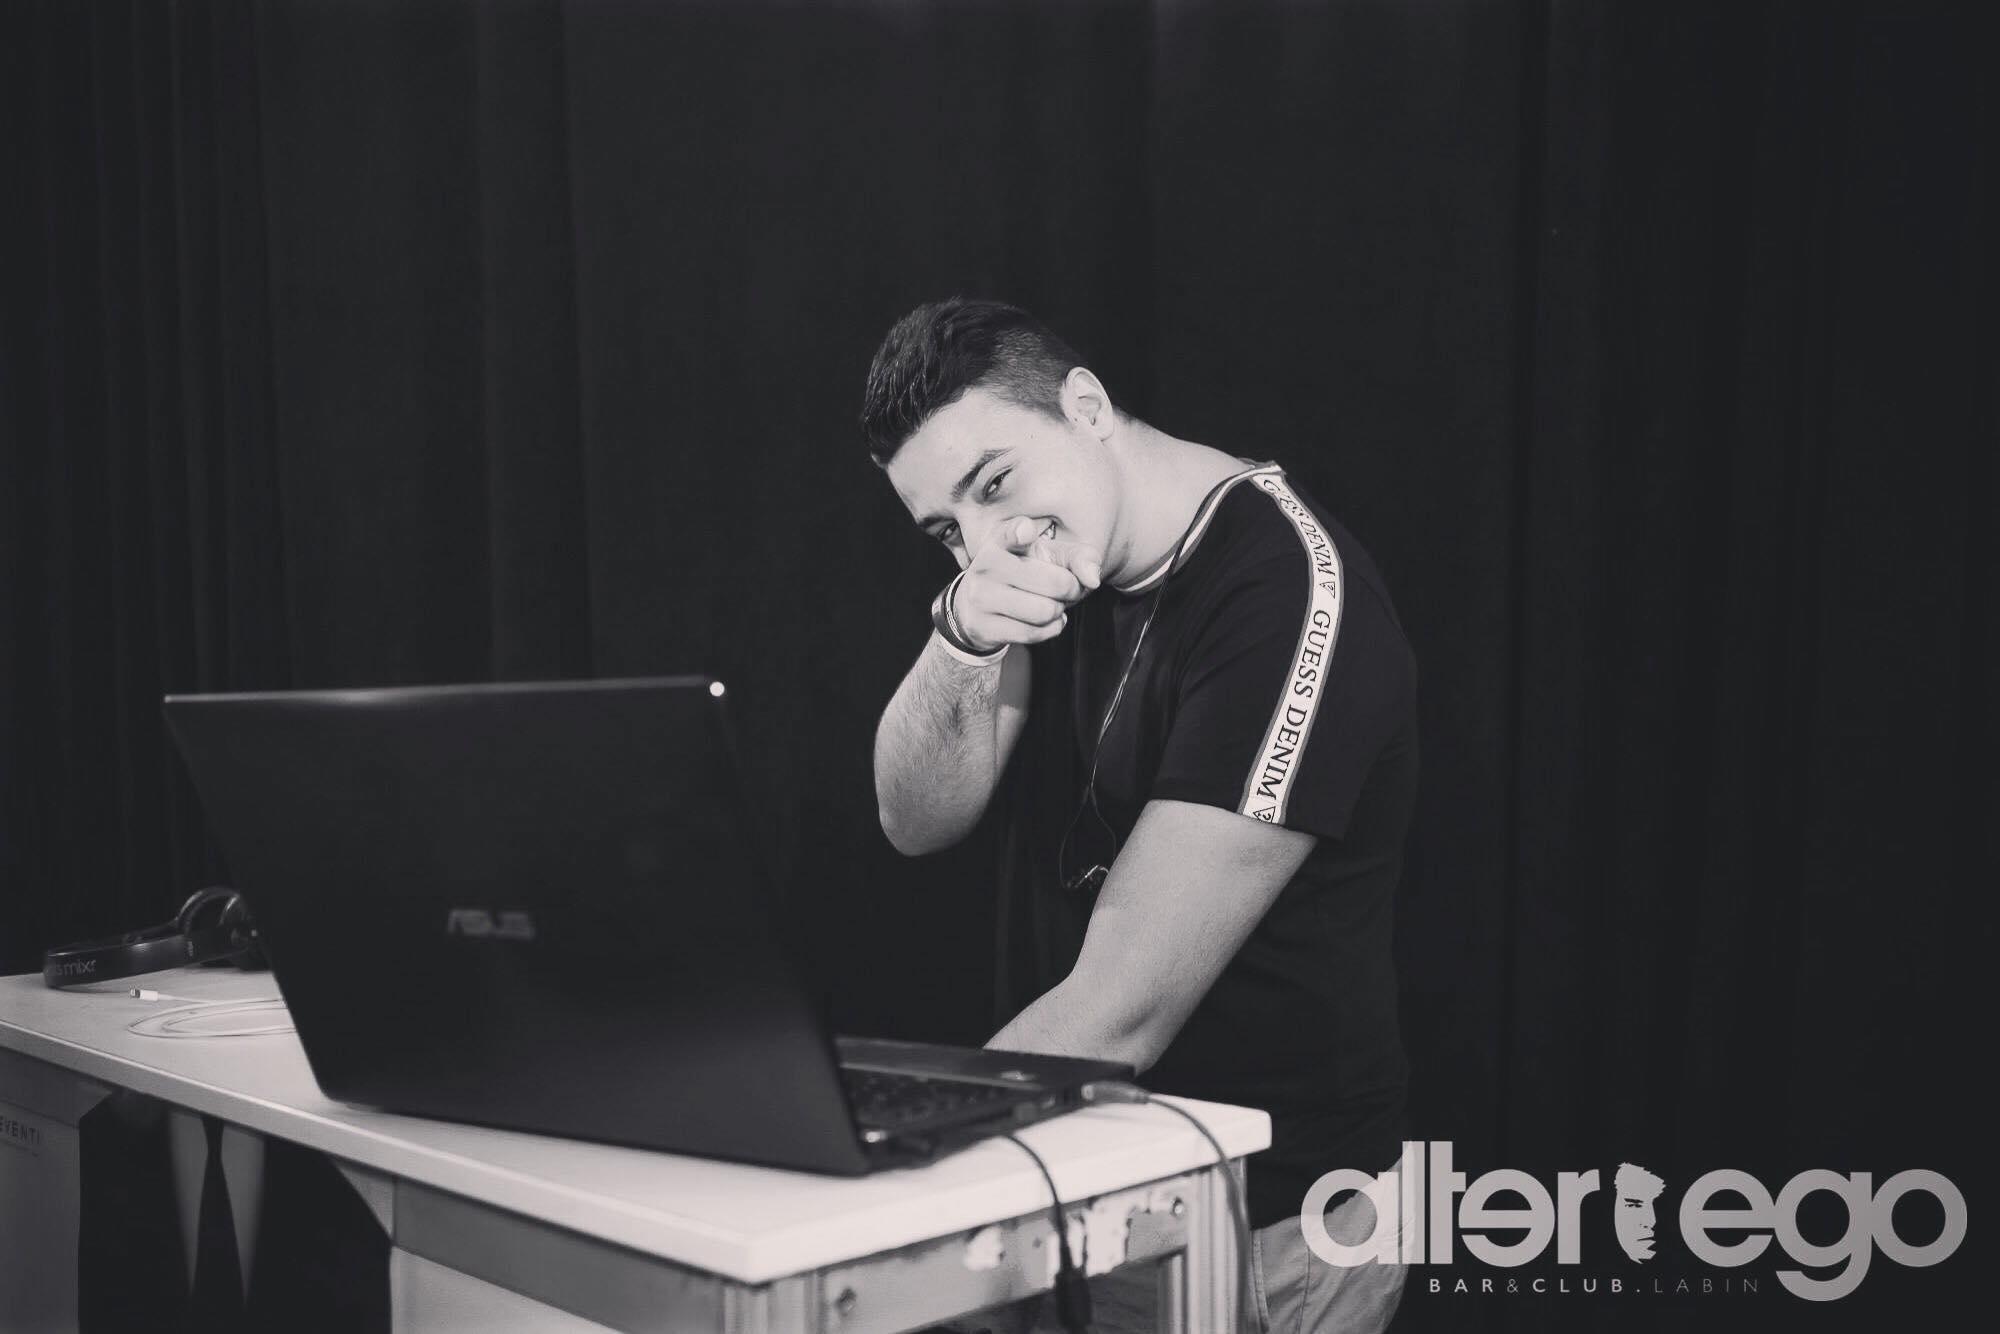 DJ Stefix